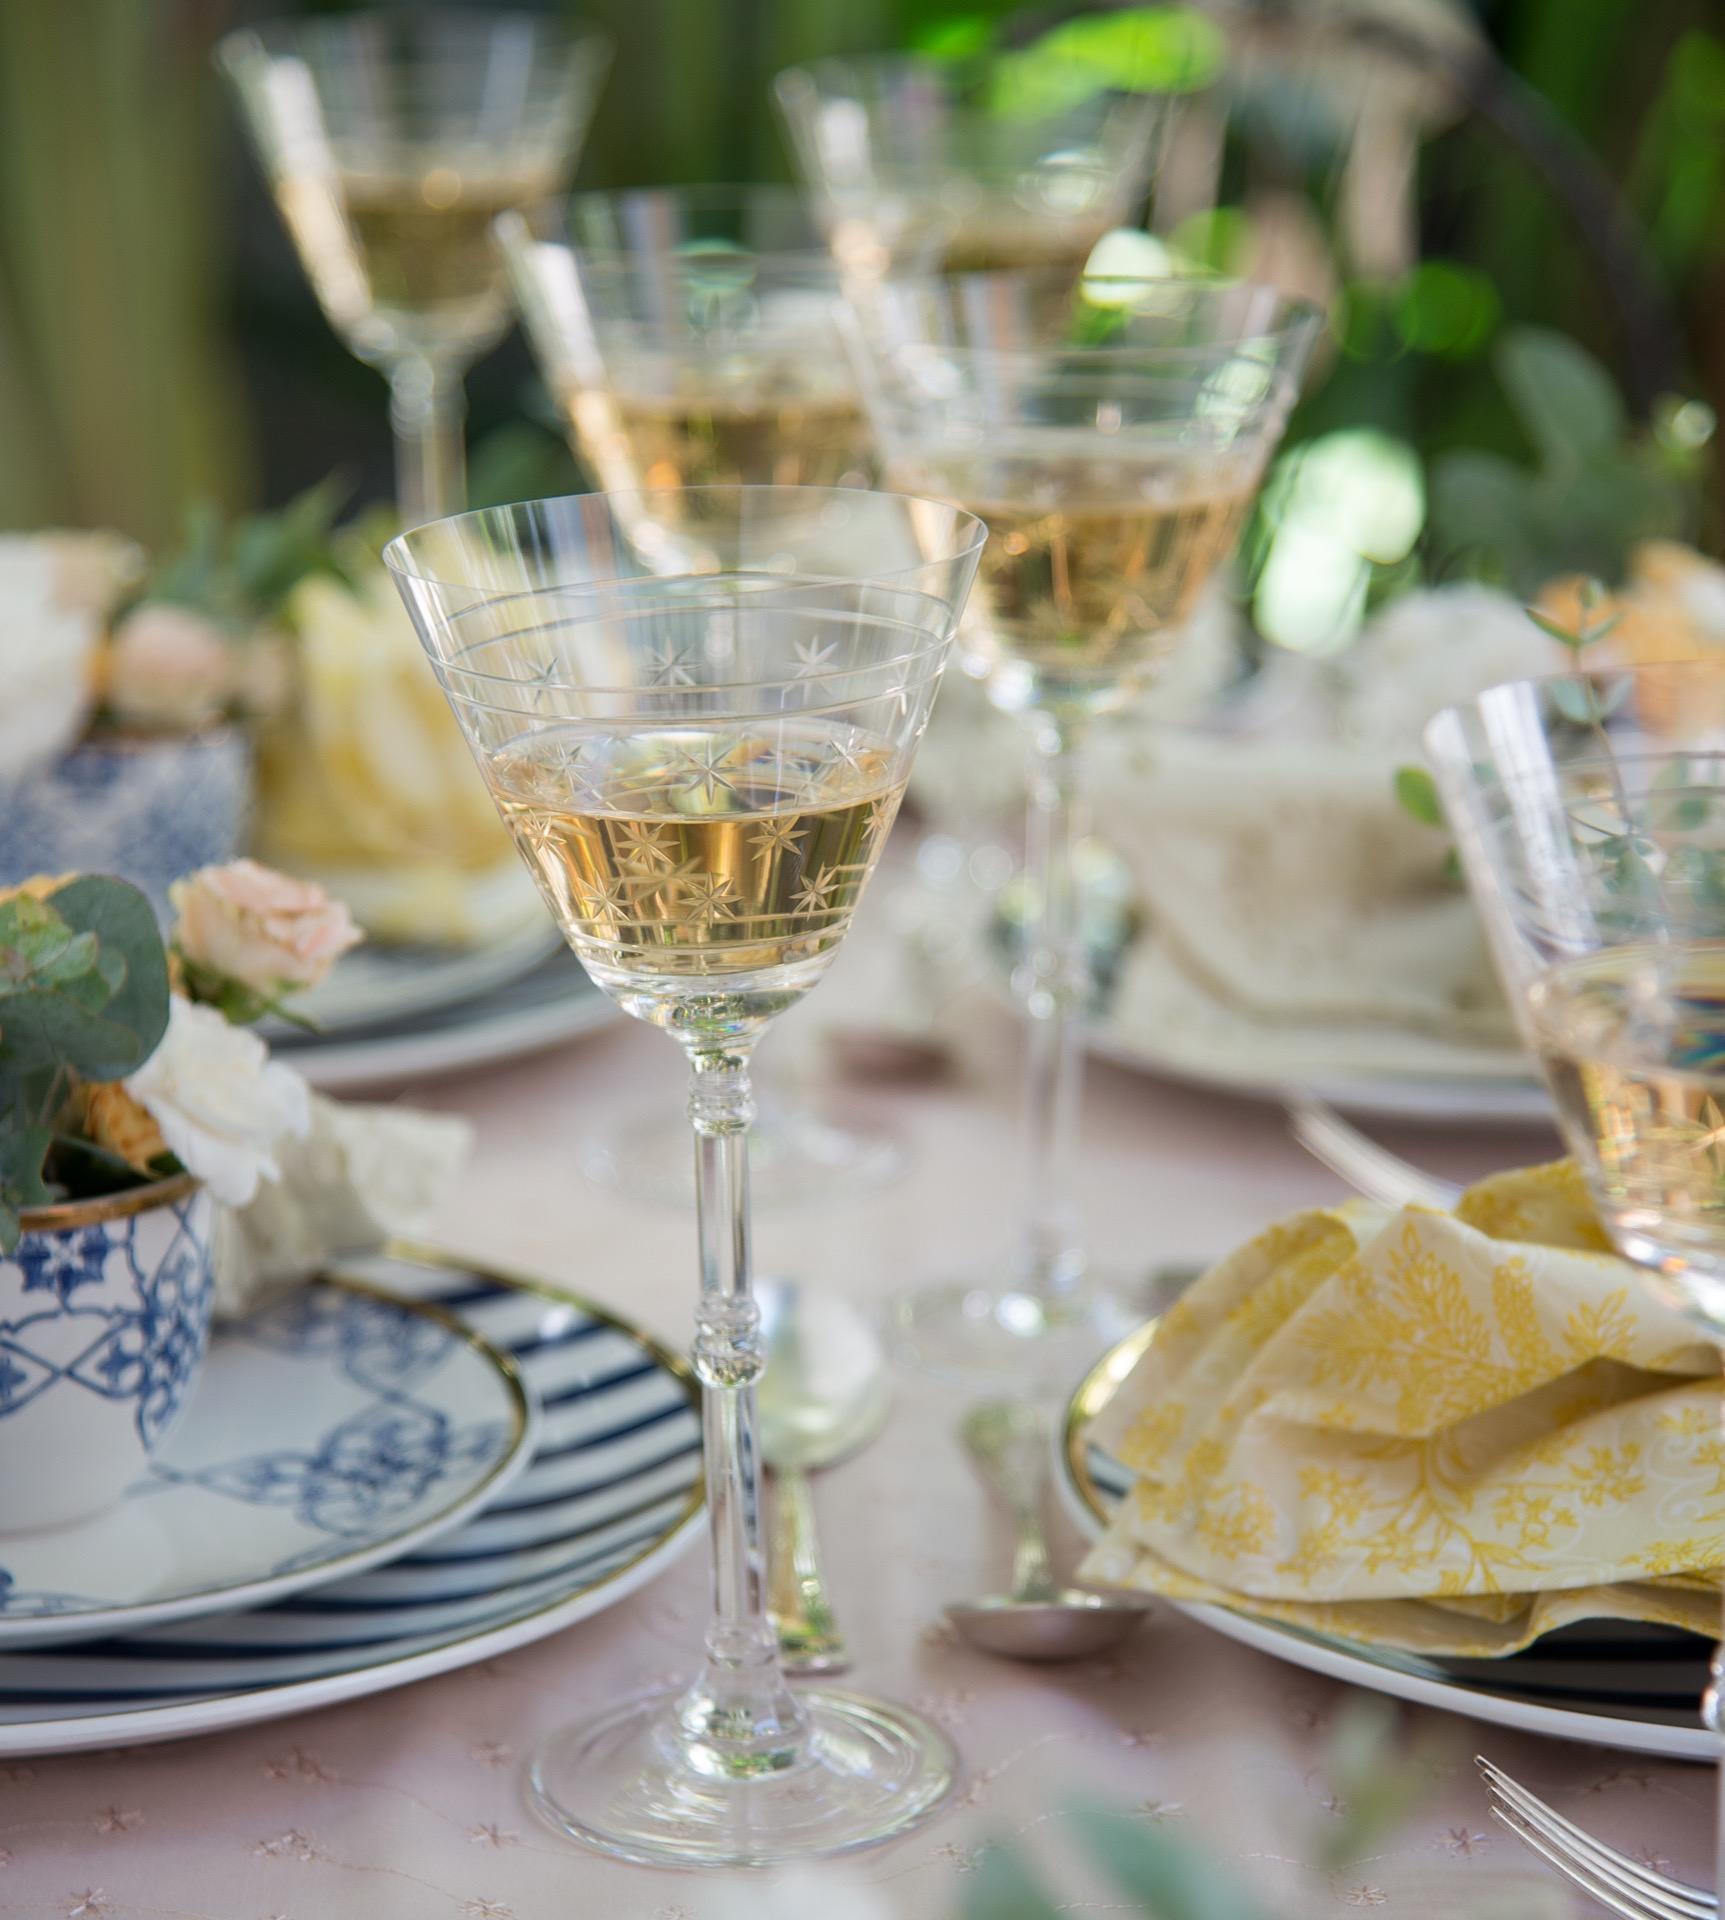 Imagem: Taças de cristal ganham destaque na mesa. Guardanapo amarelo da Villa Pano. Foto: Cacá Bratke.